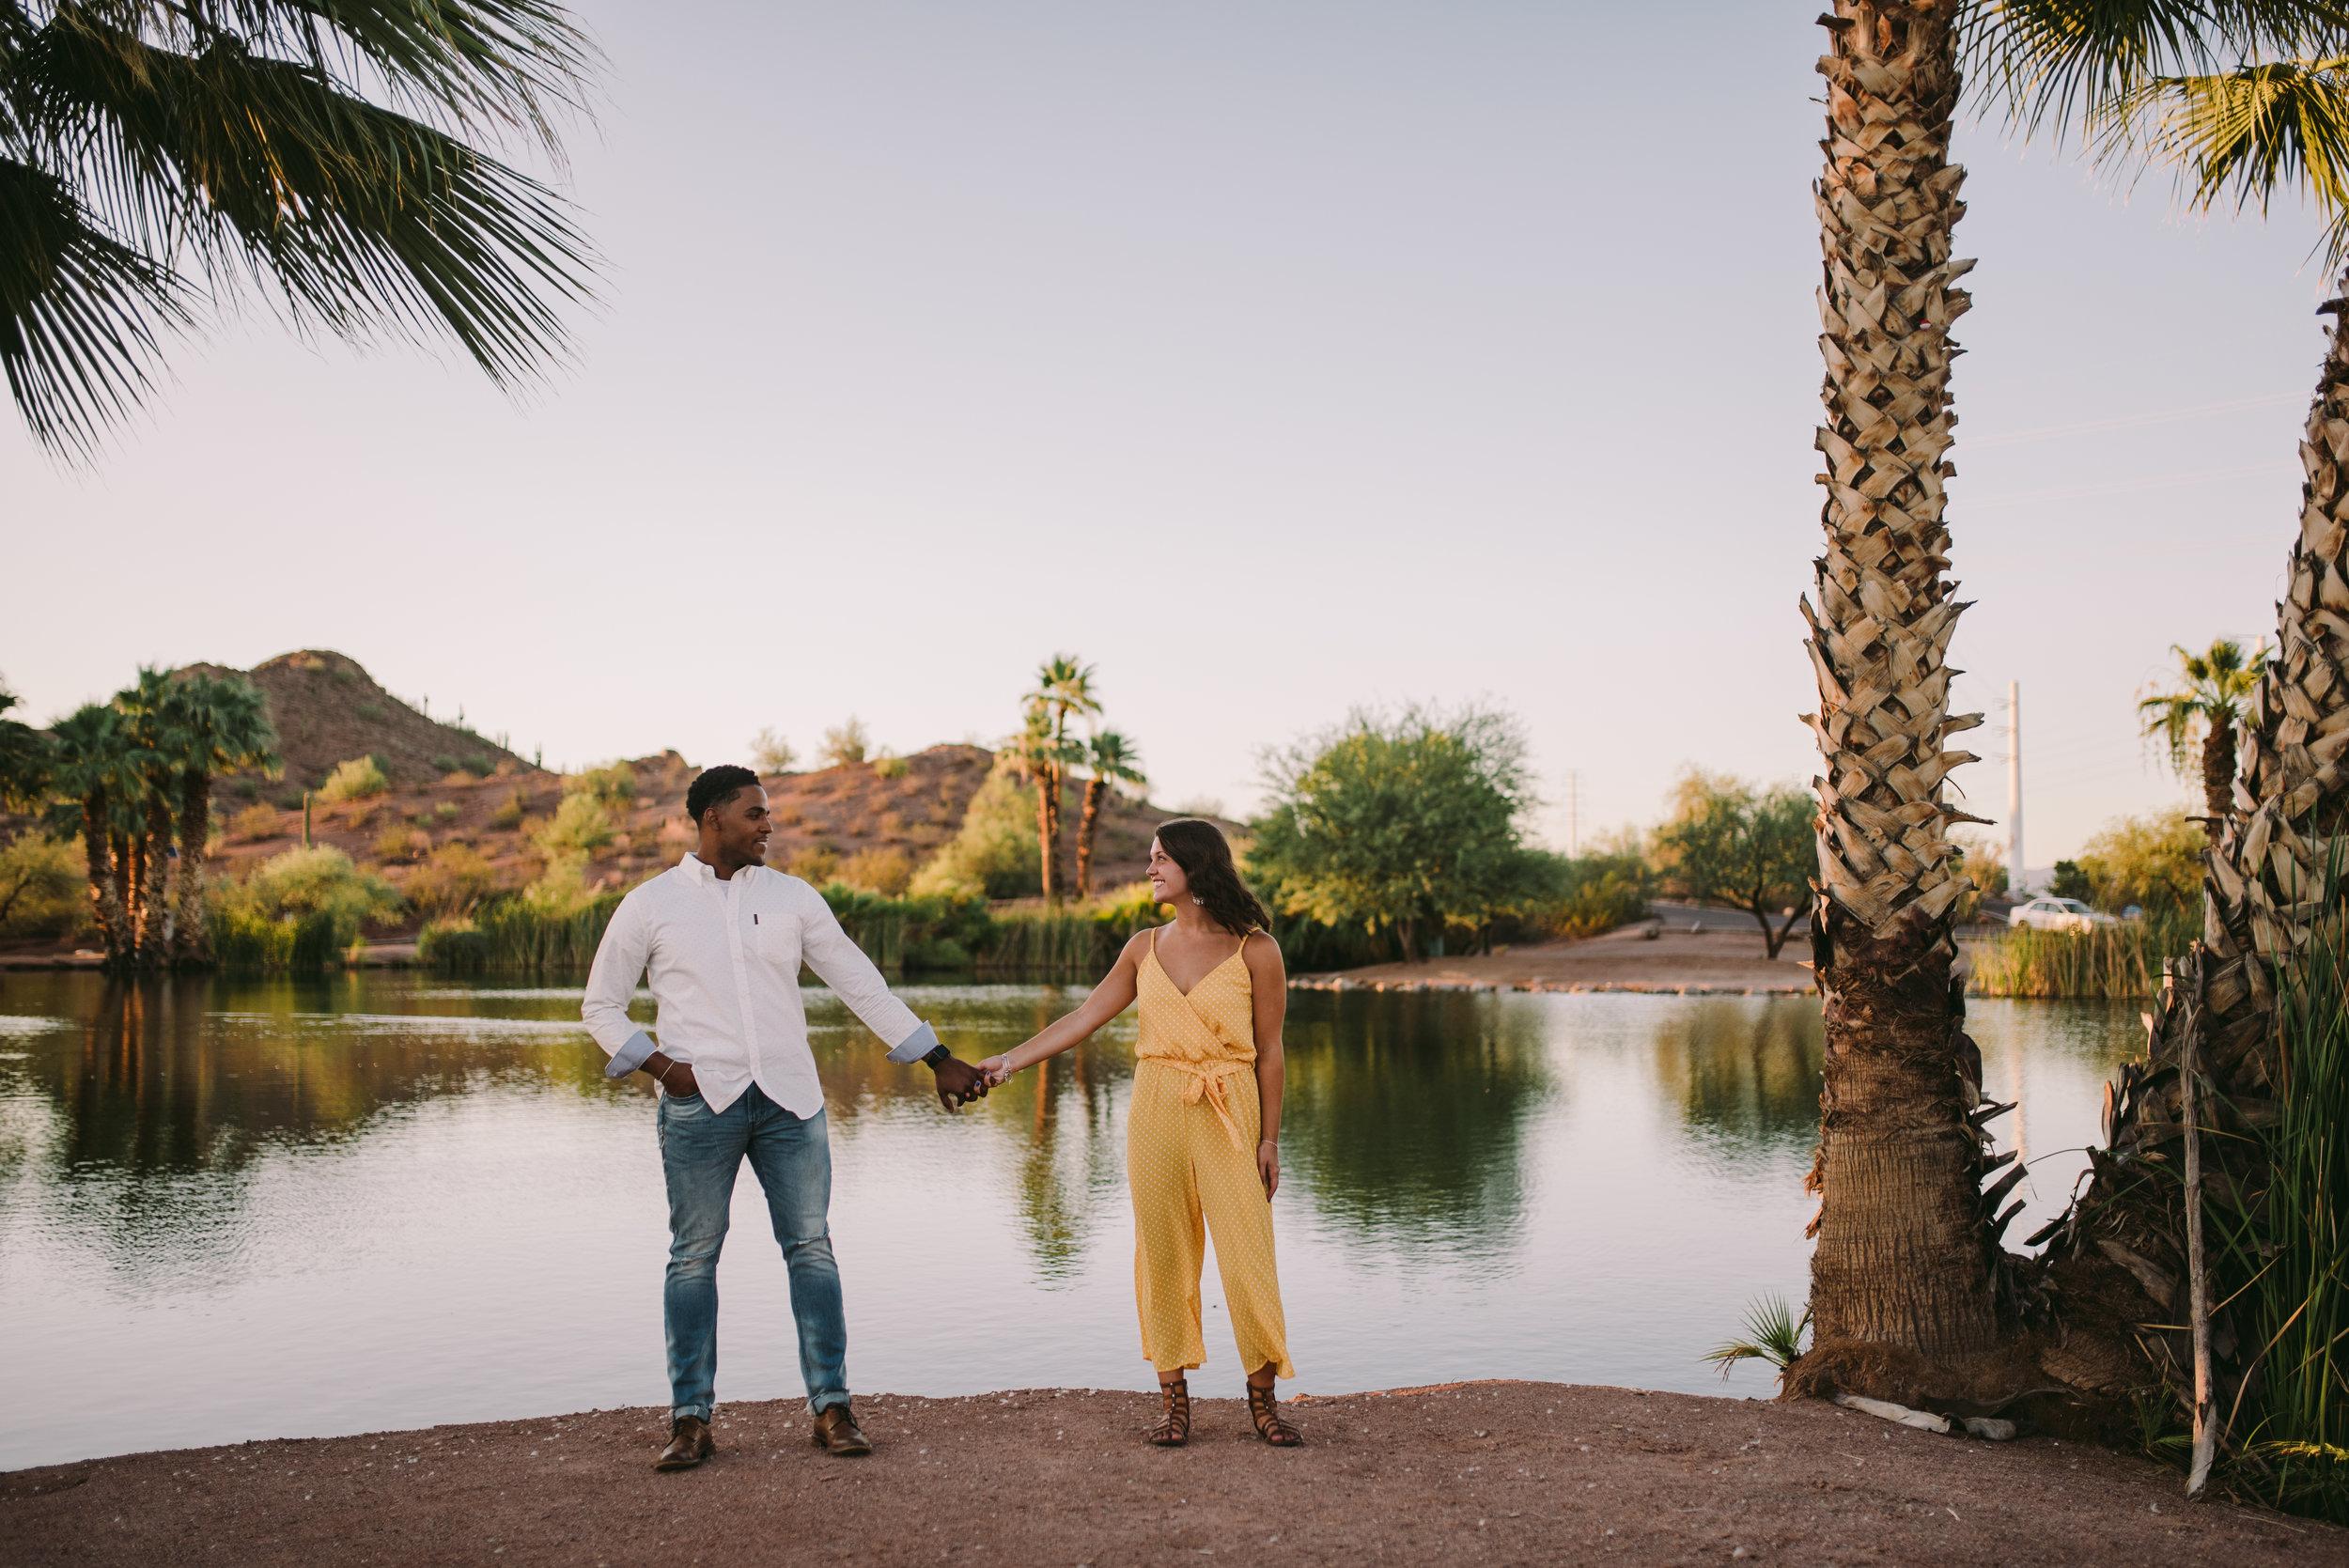 Jorey&Bryndon_EngagementSessionAtPapagoPark_July2018_PhoenixArizonaCouplesPhotographer_SamanthaRosePhotography_fina_044.JPG